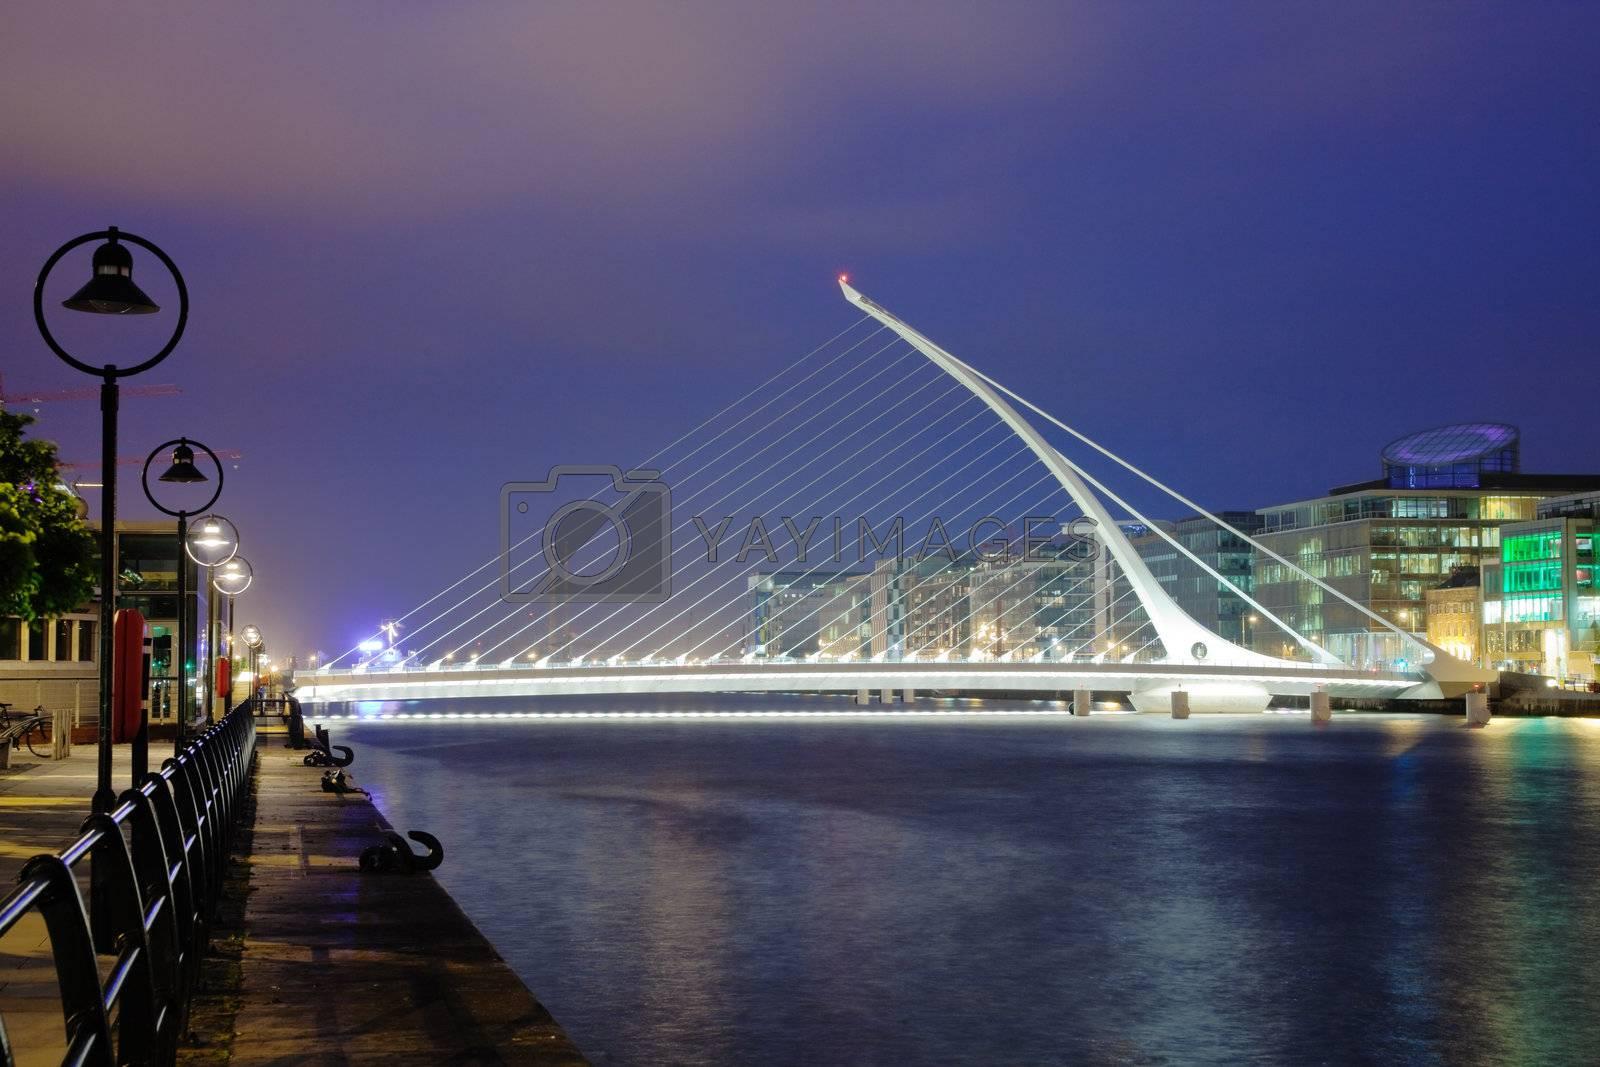 Samuel Beckett Briddge in Dublin at night